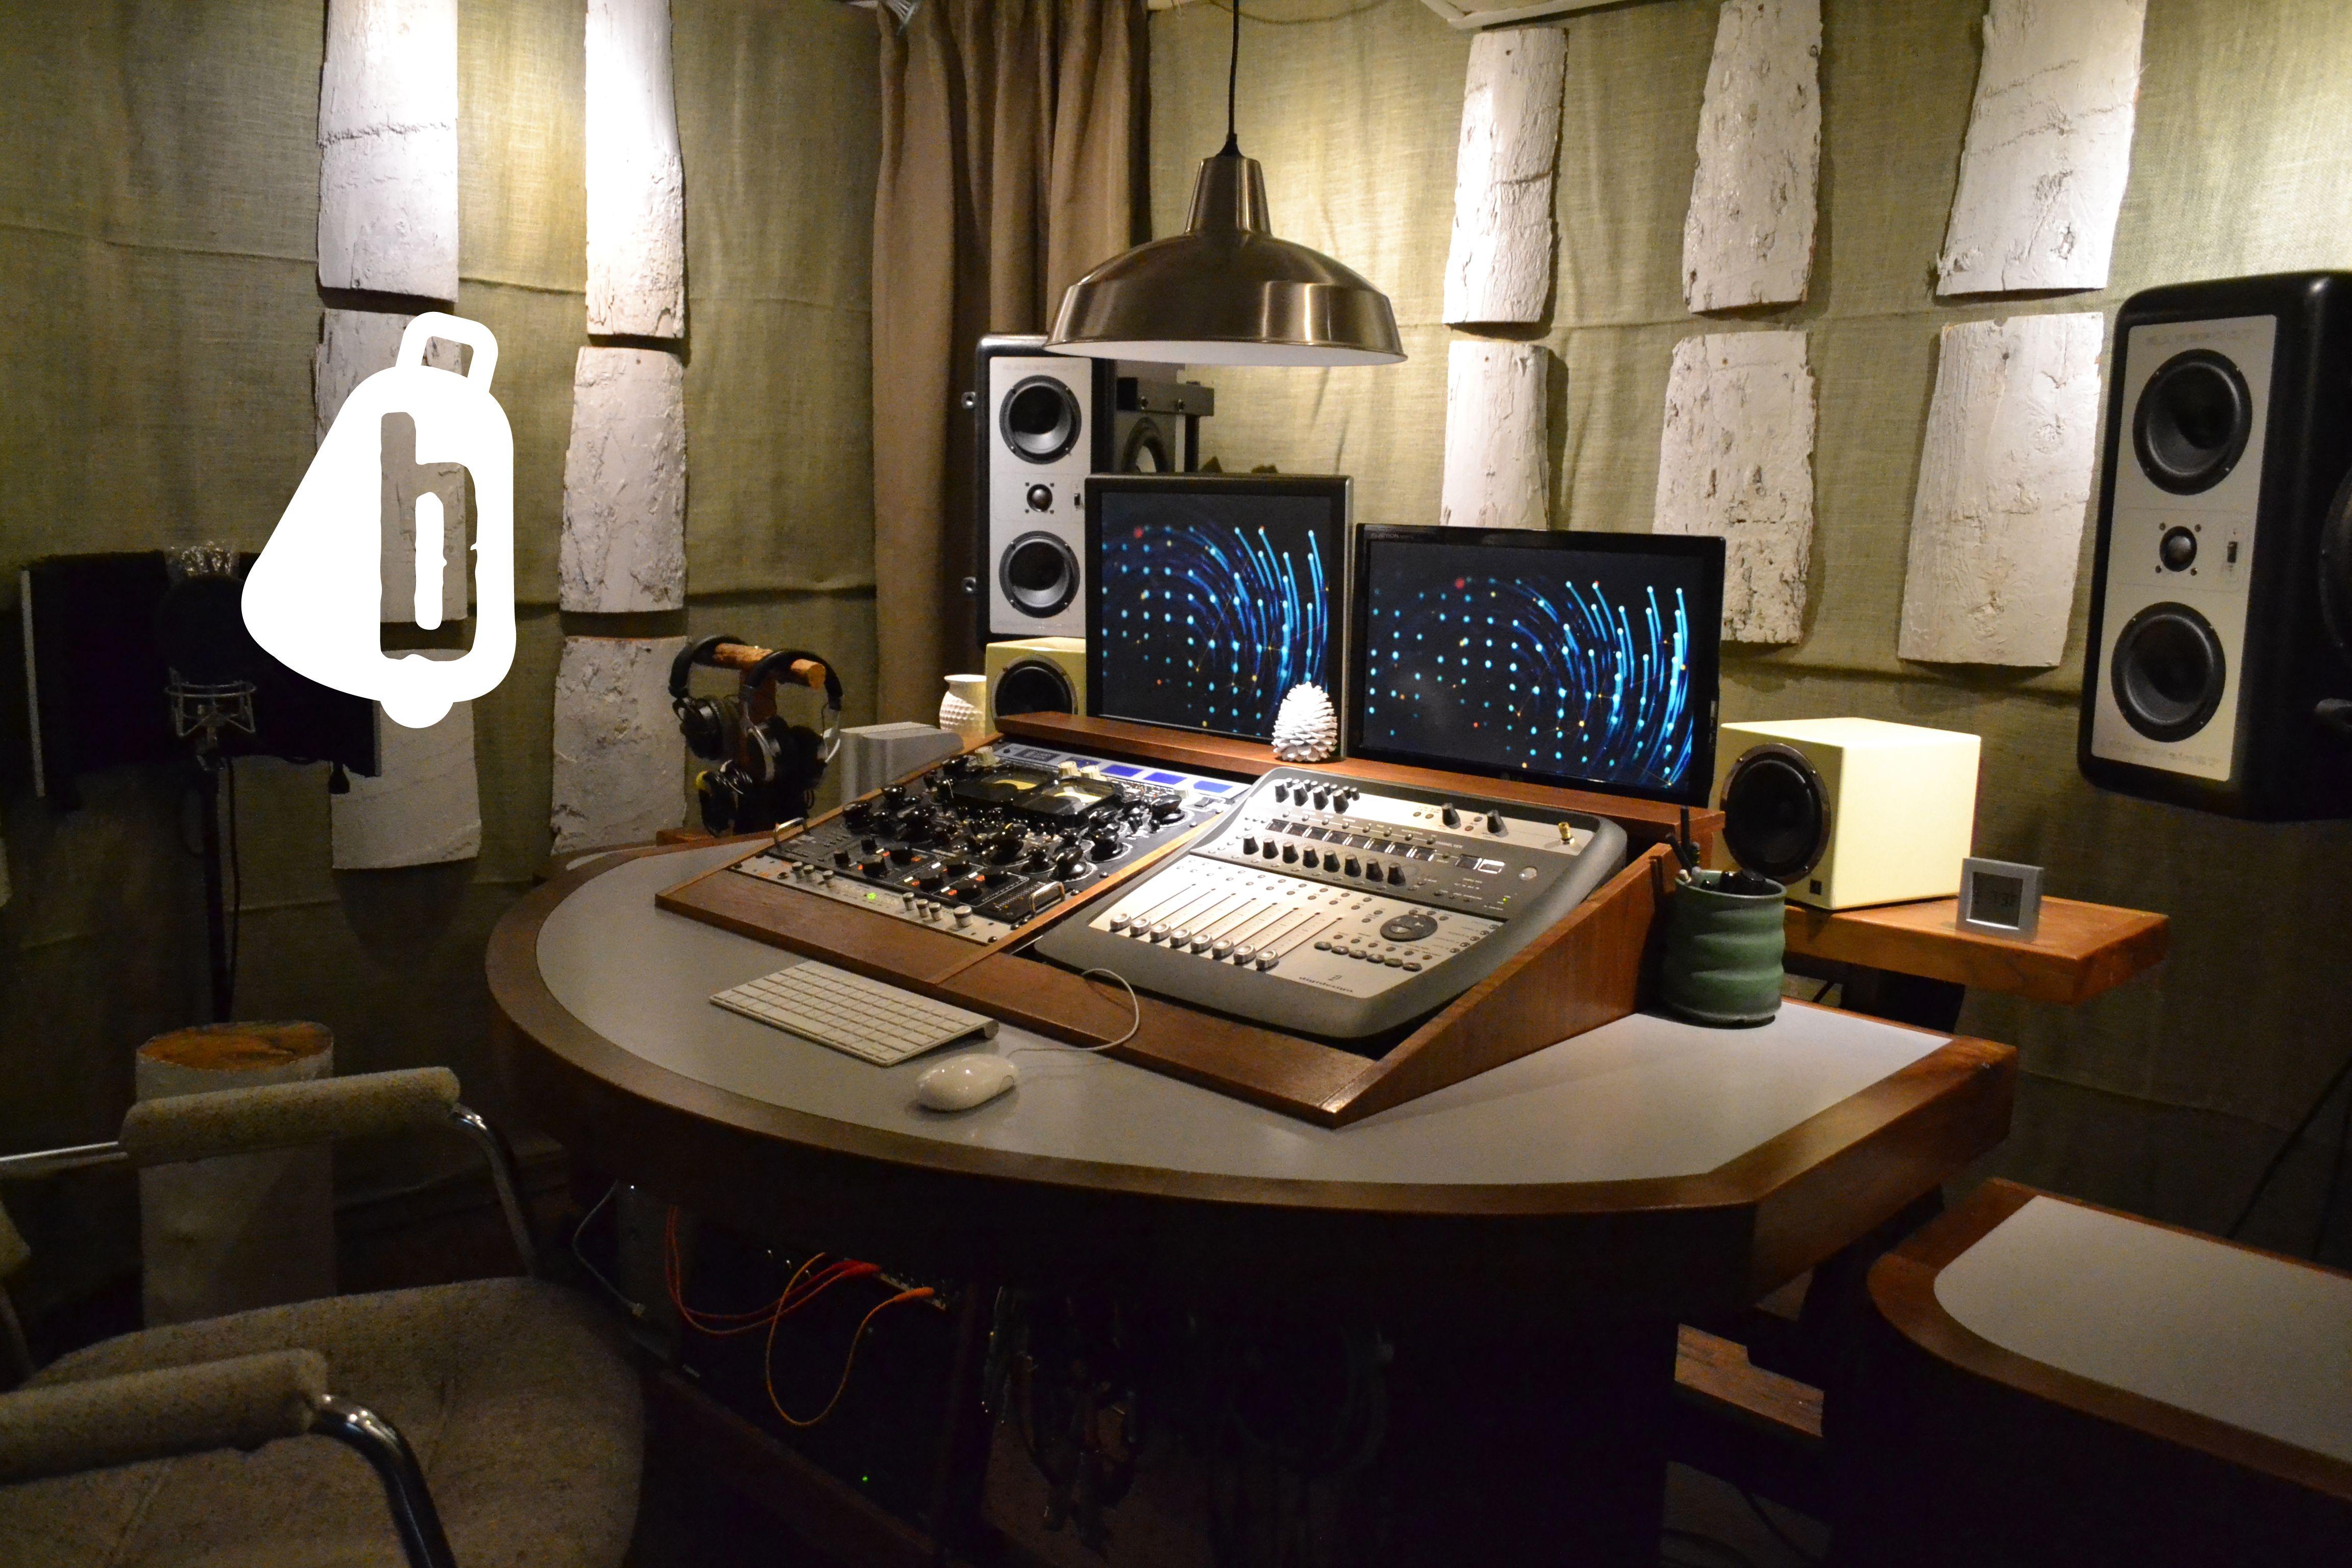 creative music mastering studio space. www.bellwethermas